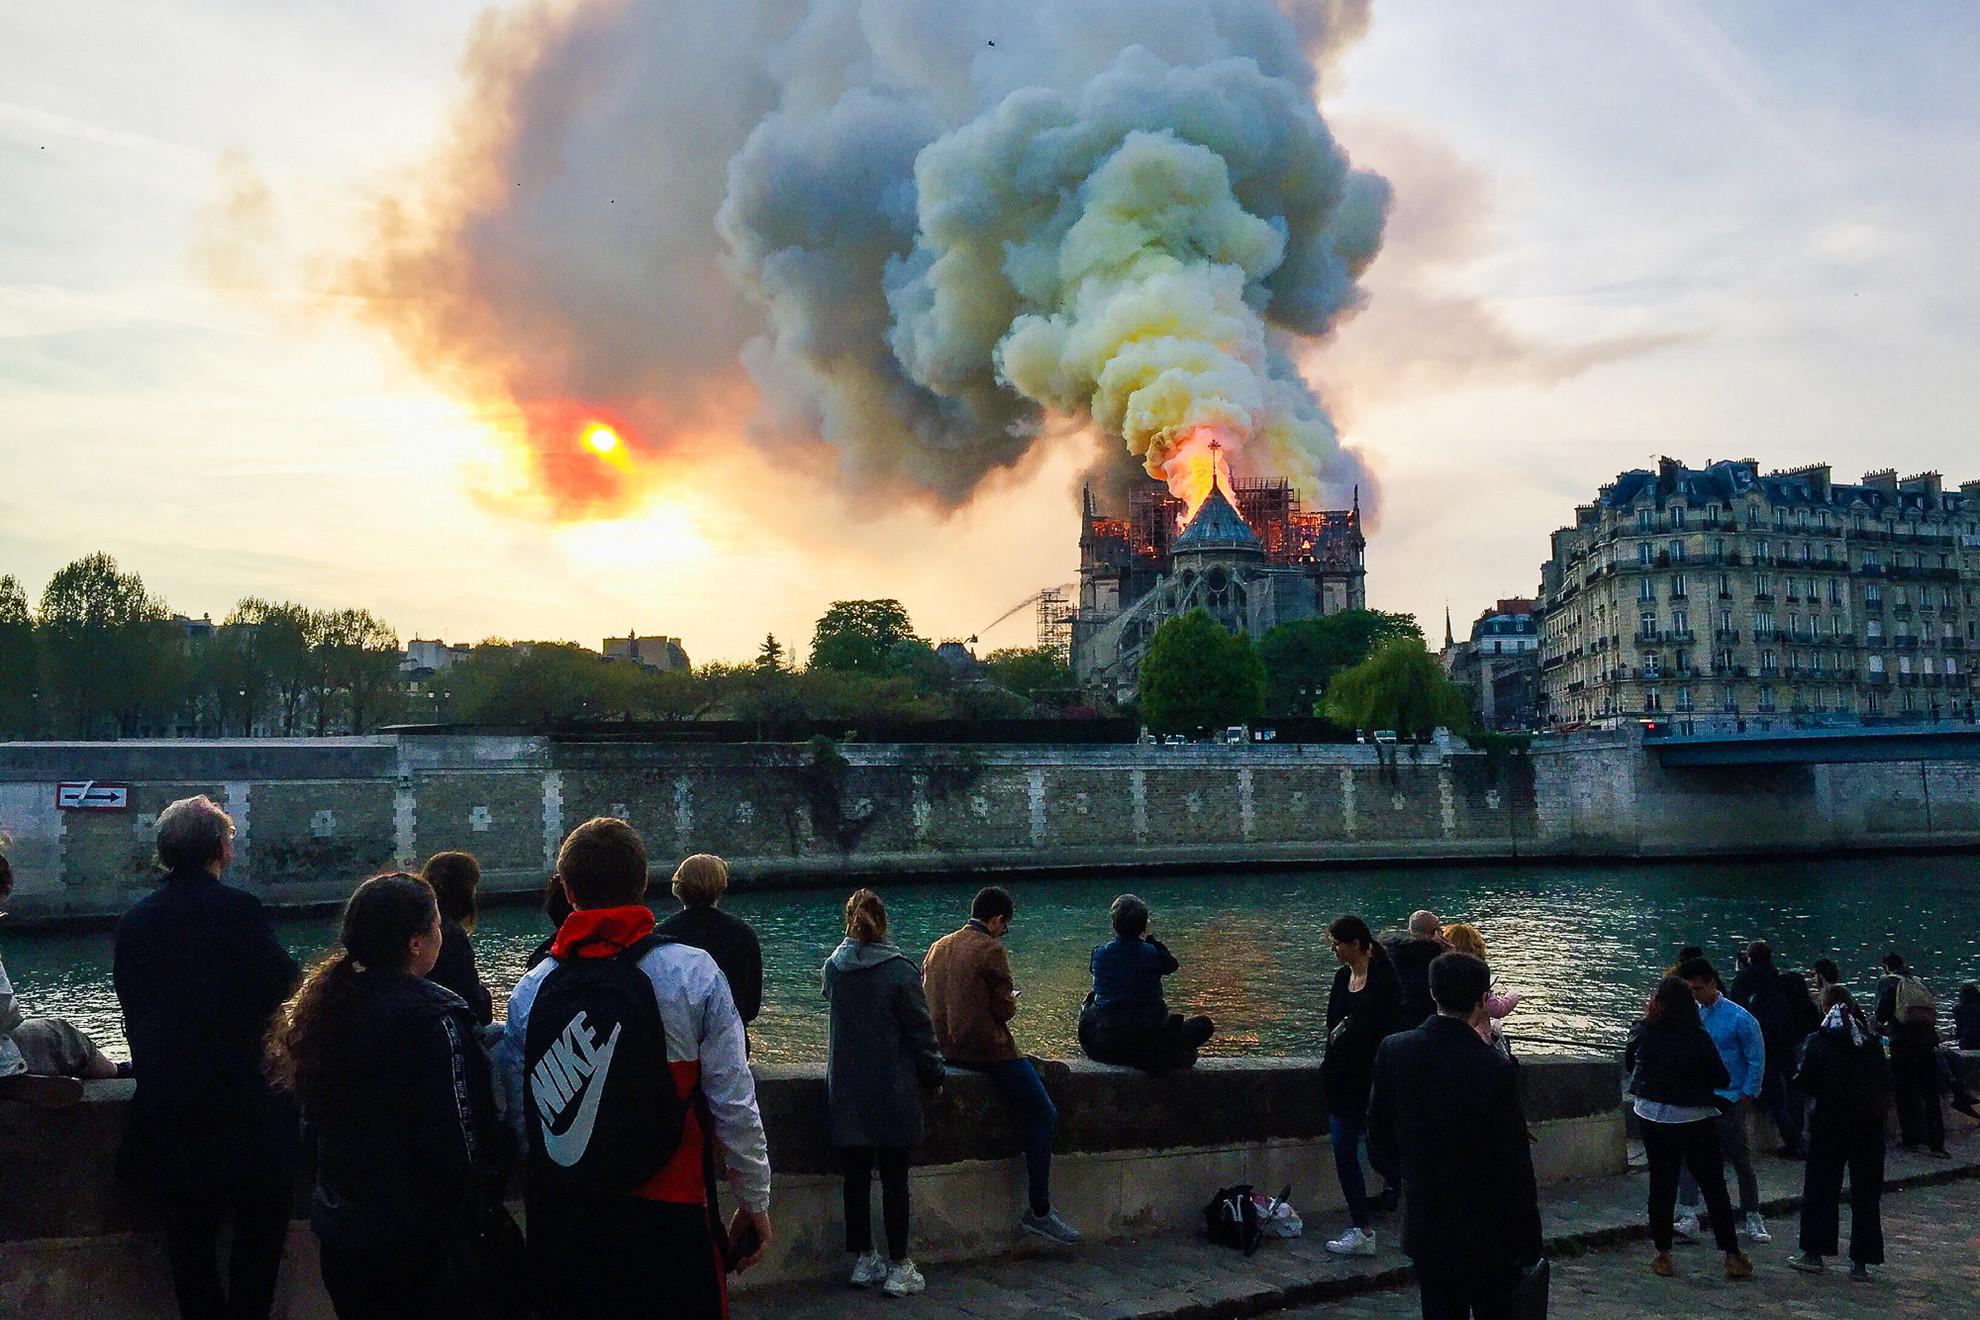 A járókelők lesújtva nézik a lángokat és a hatalmas füstfelhőket